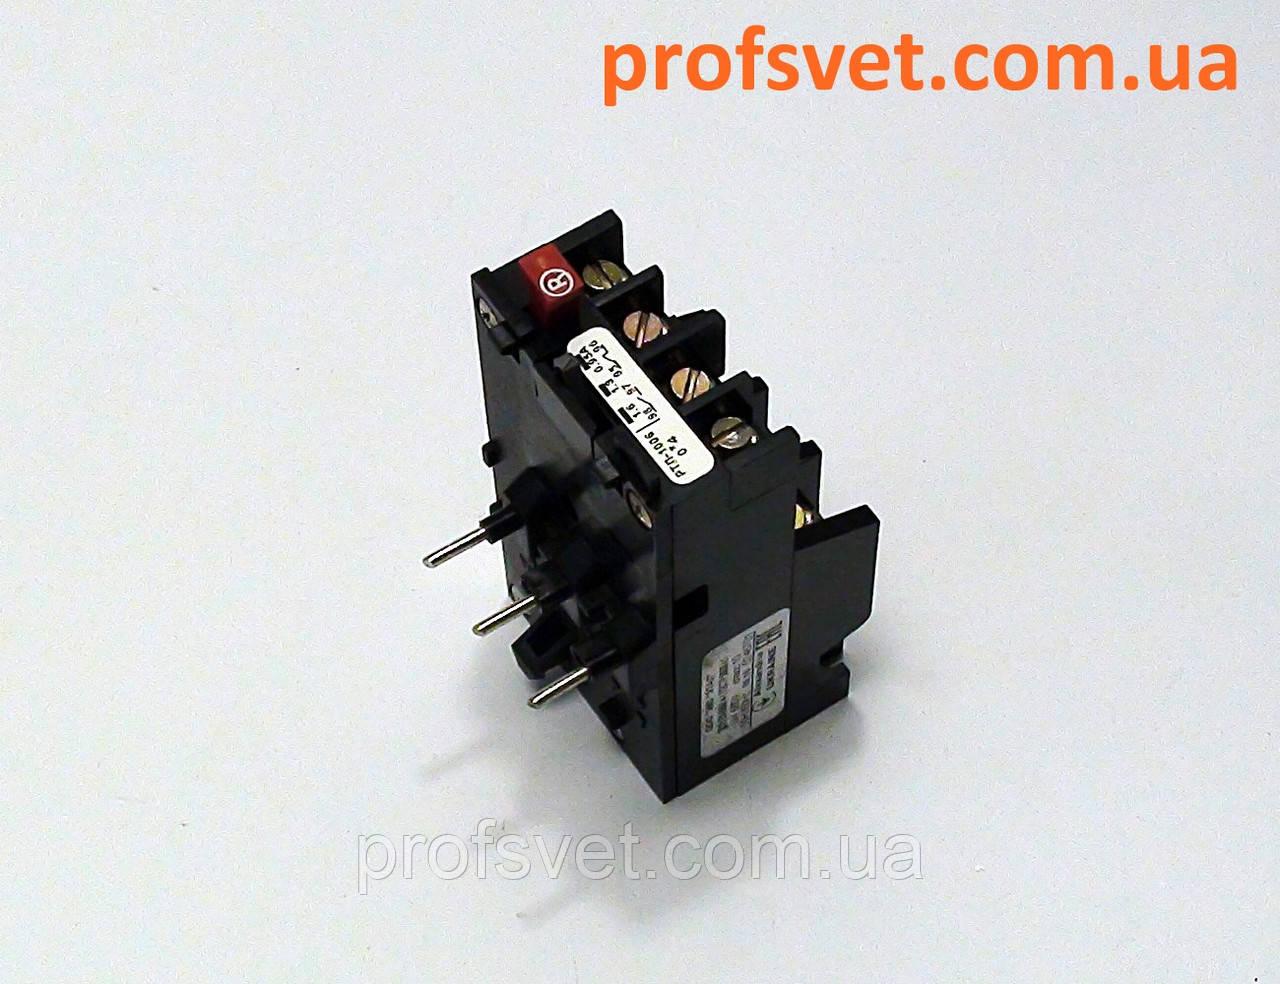 Реле тепловое РТЛ-1022 с регулировкой 18-25А